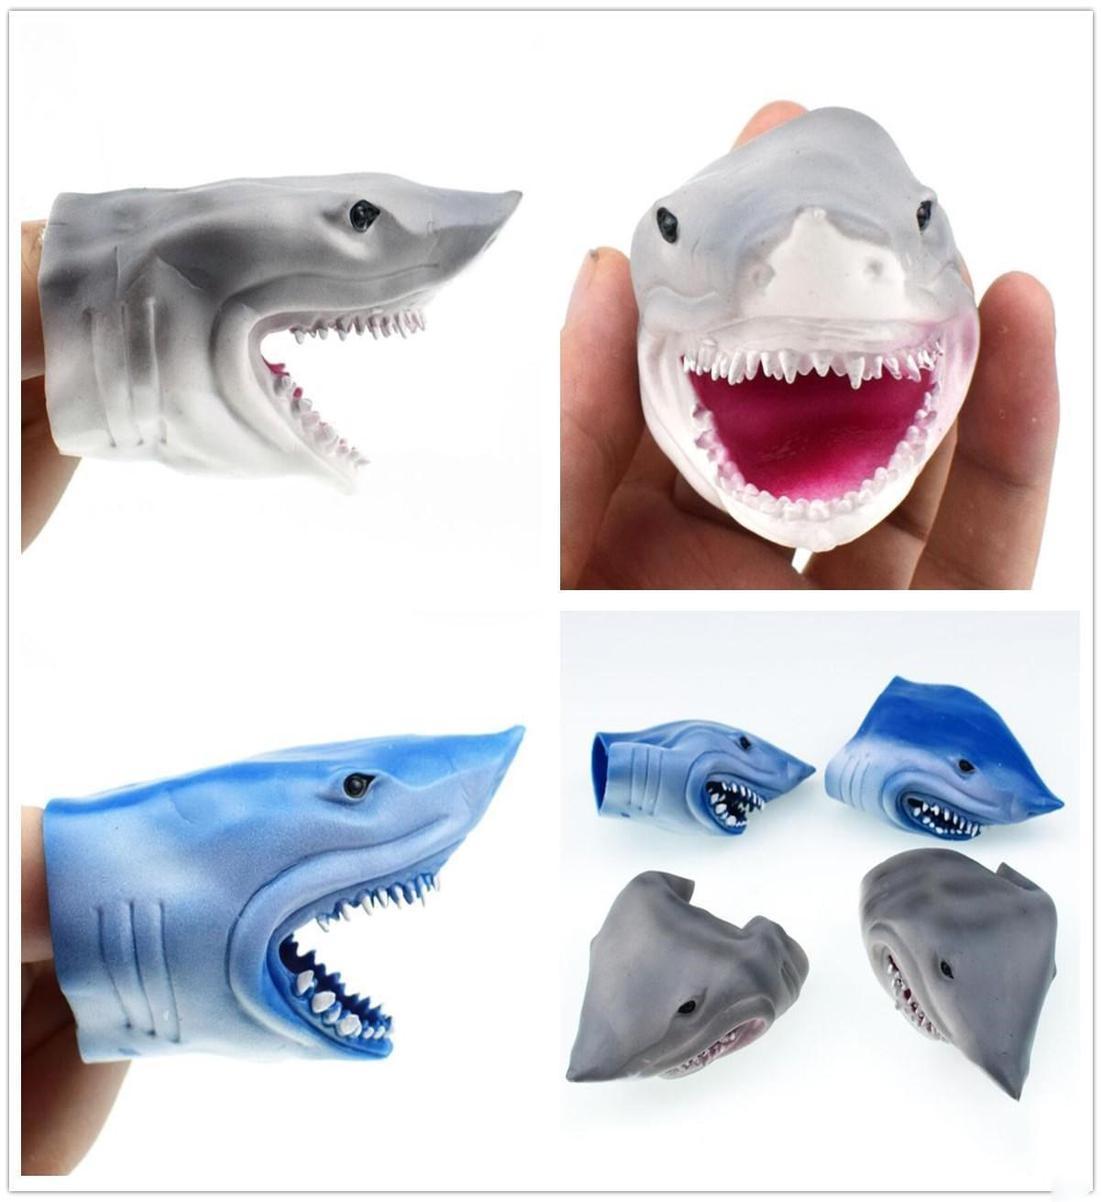 Brindes Mini Chefe New Dedo tubarão decoração dos miúdos Wonderful Tampa 8 centímetros Brinquedos Adorável Realização Partido envio Início ABC2007 SndUi